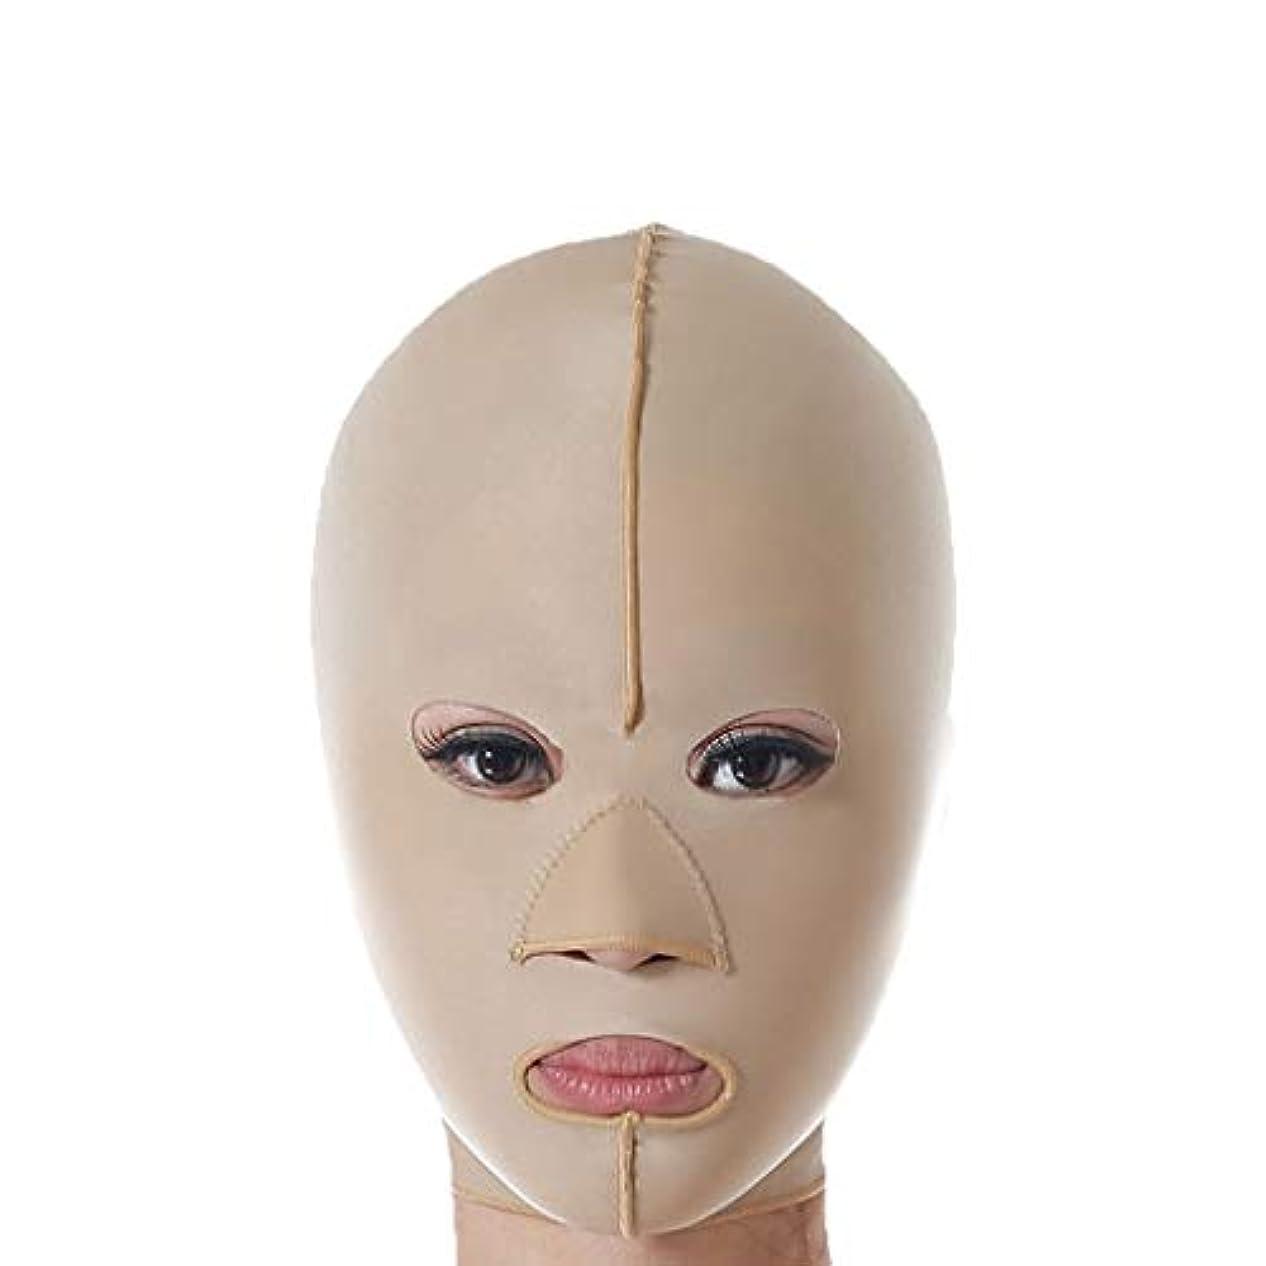 怠けたライナー肖像画XHLMRMJ 減量フェイスマスク、リフティング包帯、スリムフェイスリフトリフティングベルト、フェイシャル減量リフティング包帯 (Size : L)